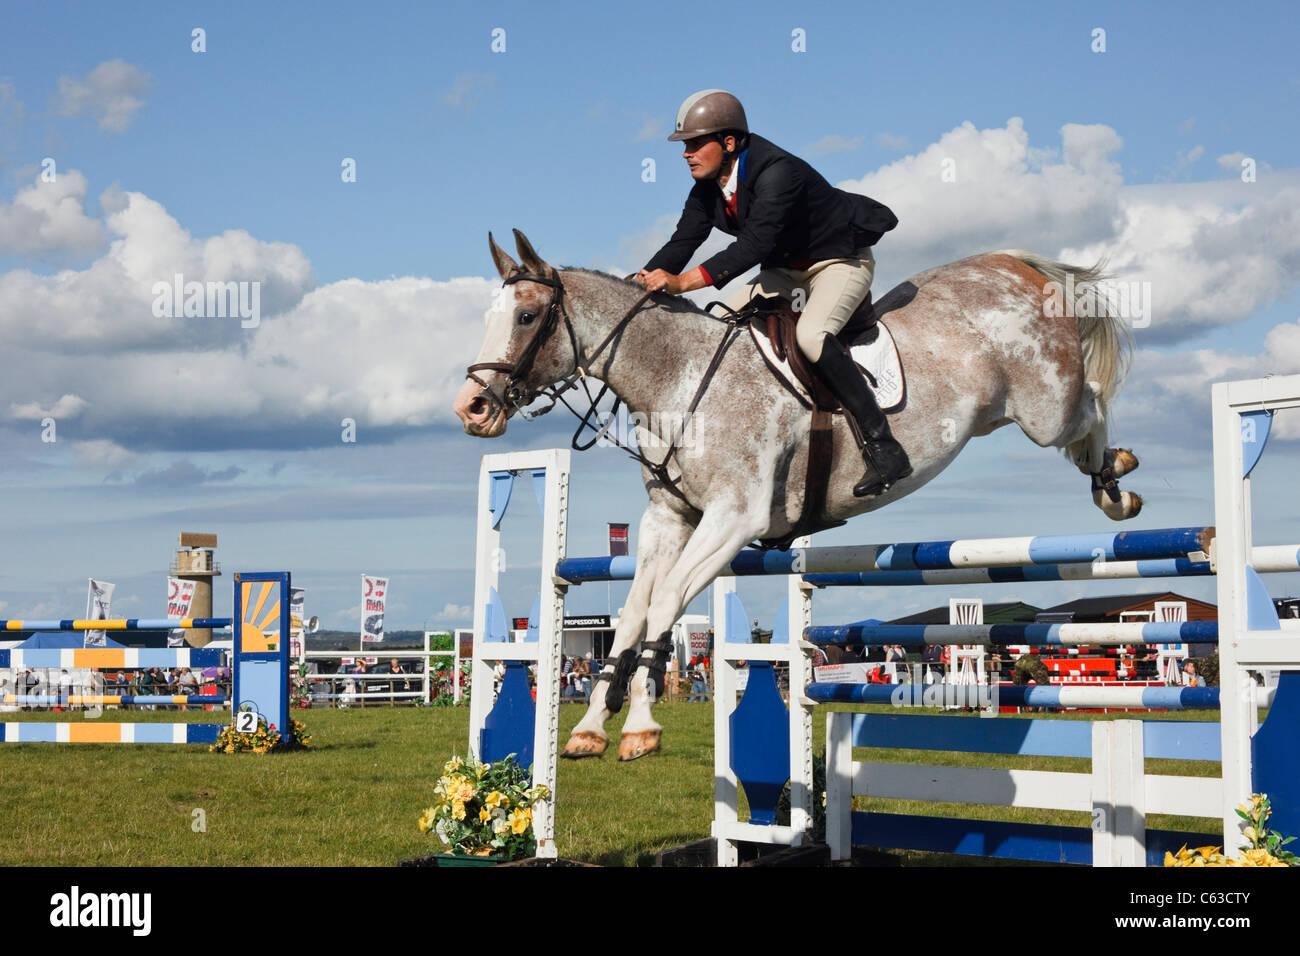 Le Nord du Pays de Galles, Royaume-Uni. Événement international de saut à cheval et jockey sautant Photo Stock